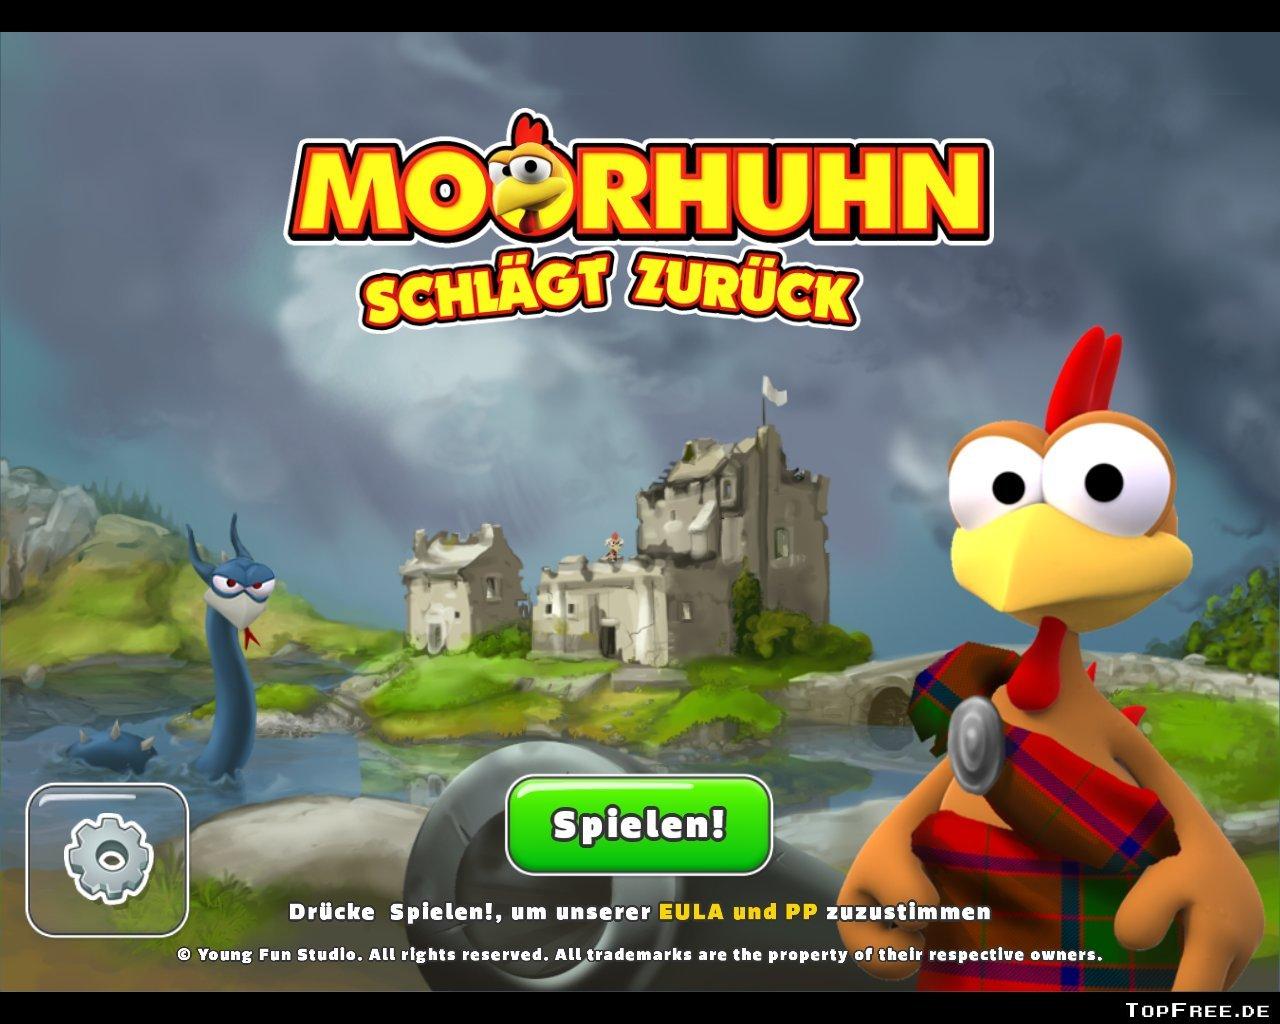 Moorhuhn Spiele